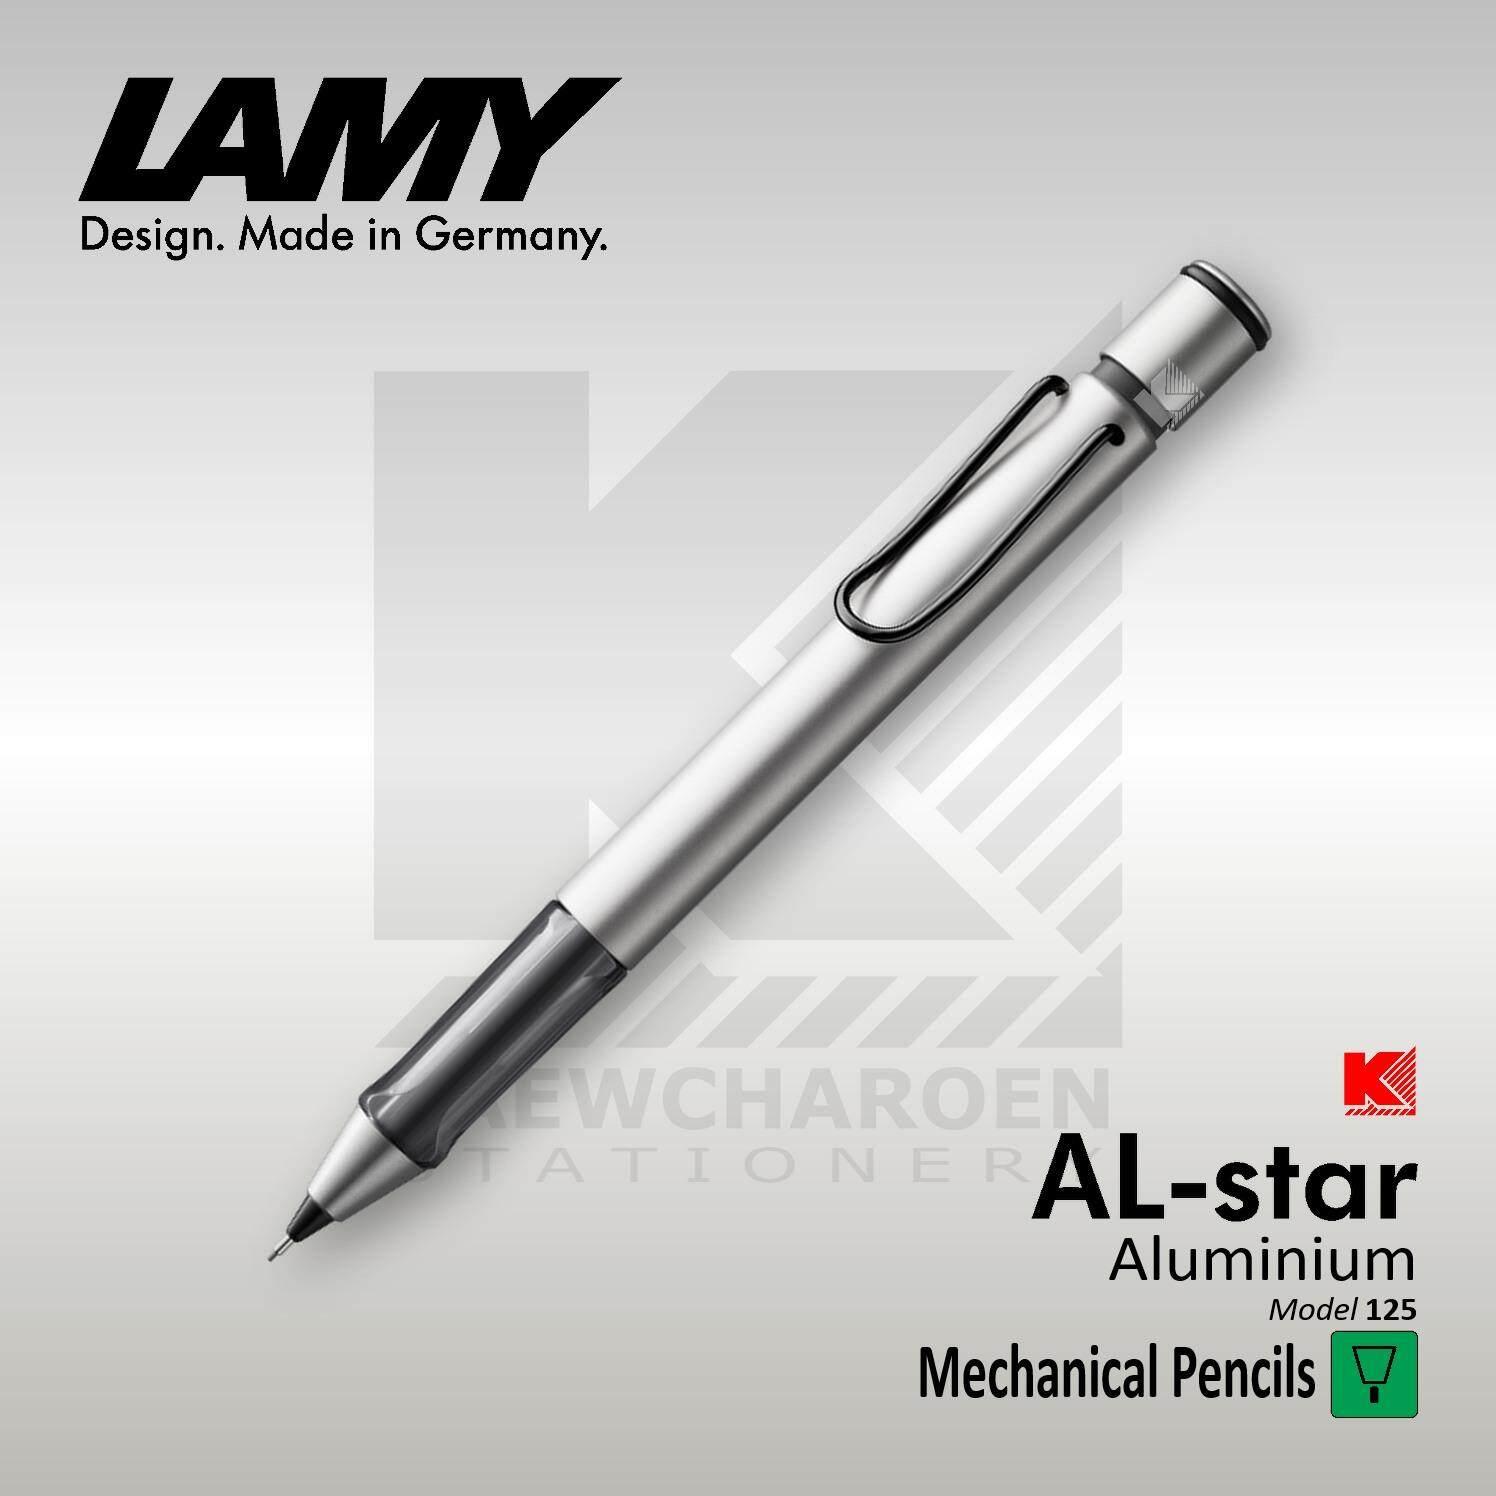 ดินสอกด Lamy Al-Star รุ่น 125 ด้ามสีเงินอลูมิเนี่ยม (ขนาด 0.5 มม.).